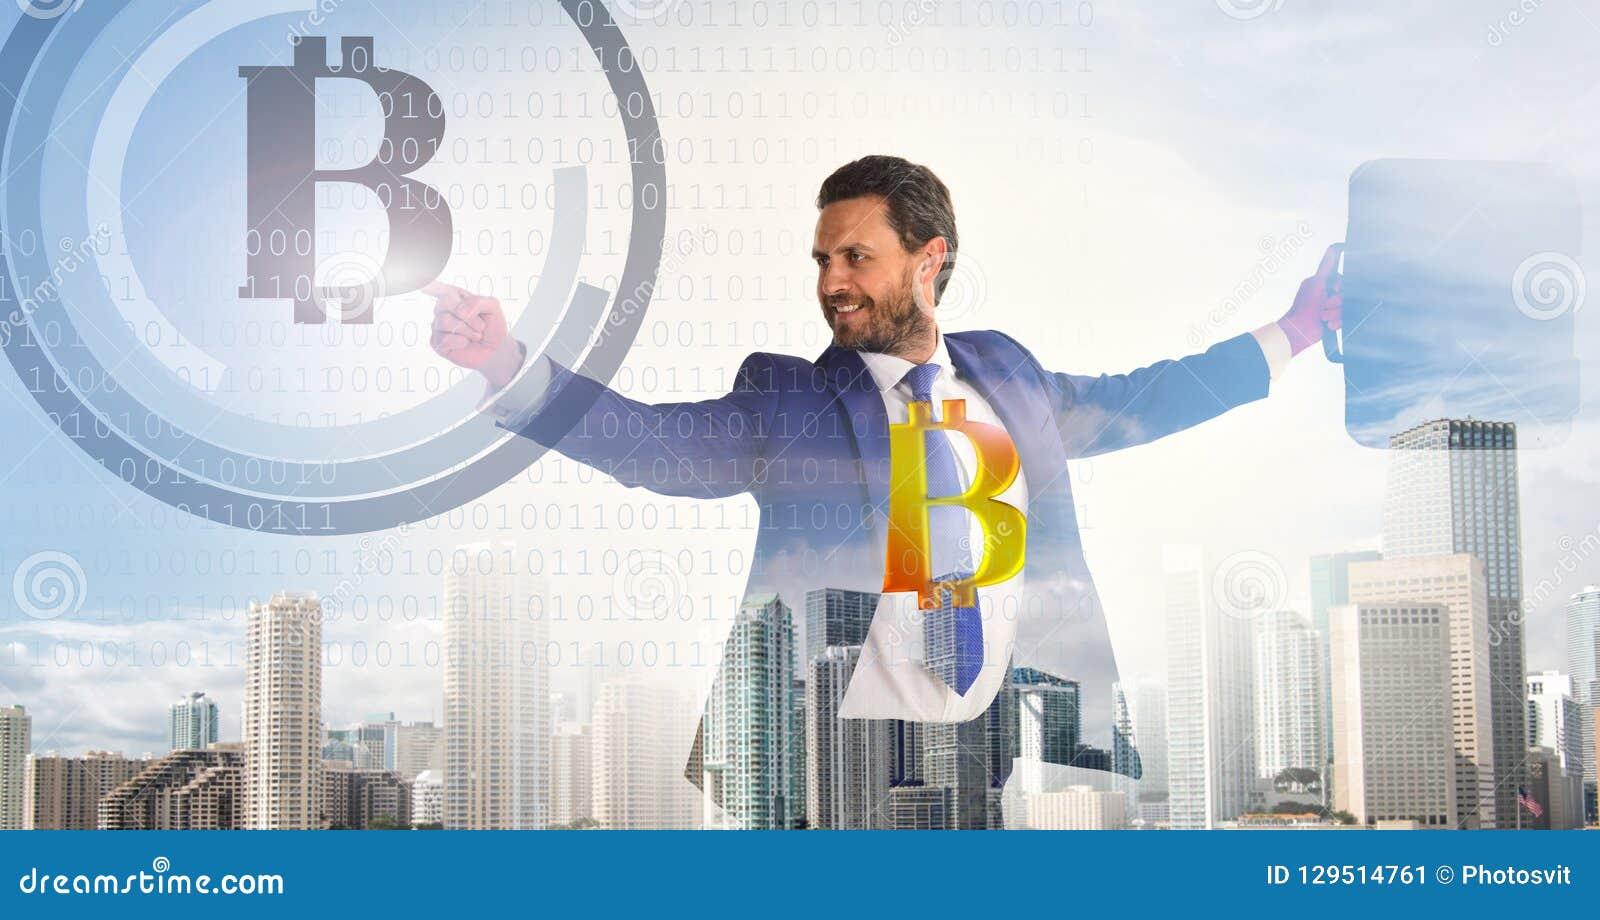 Calcule a rentabilidade da mineração do bitcoin Bitcoin cripto de superfície digital interativo da moeda do homem de negócios Neg